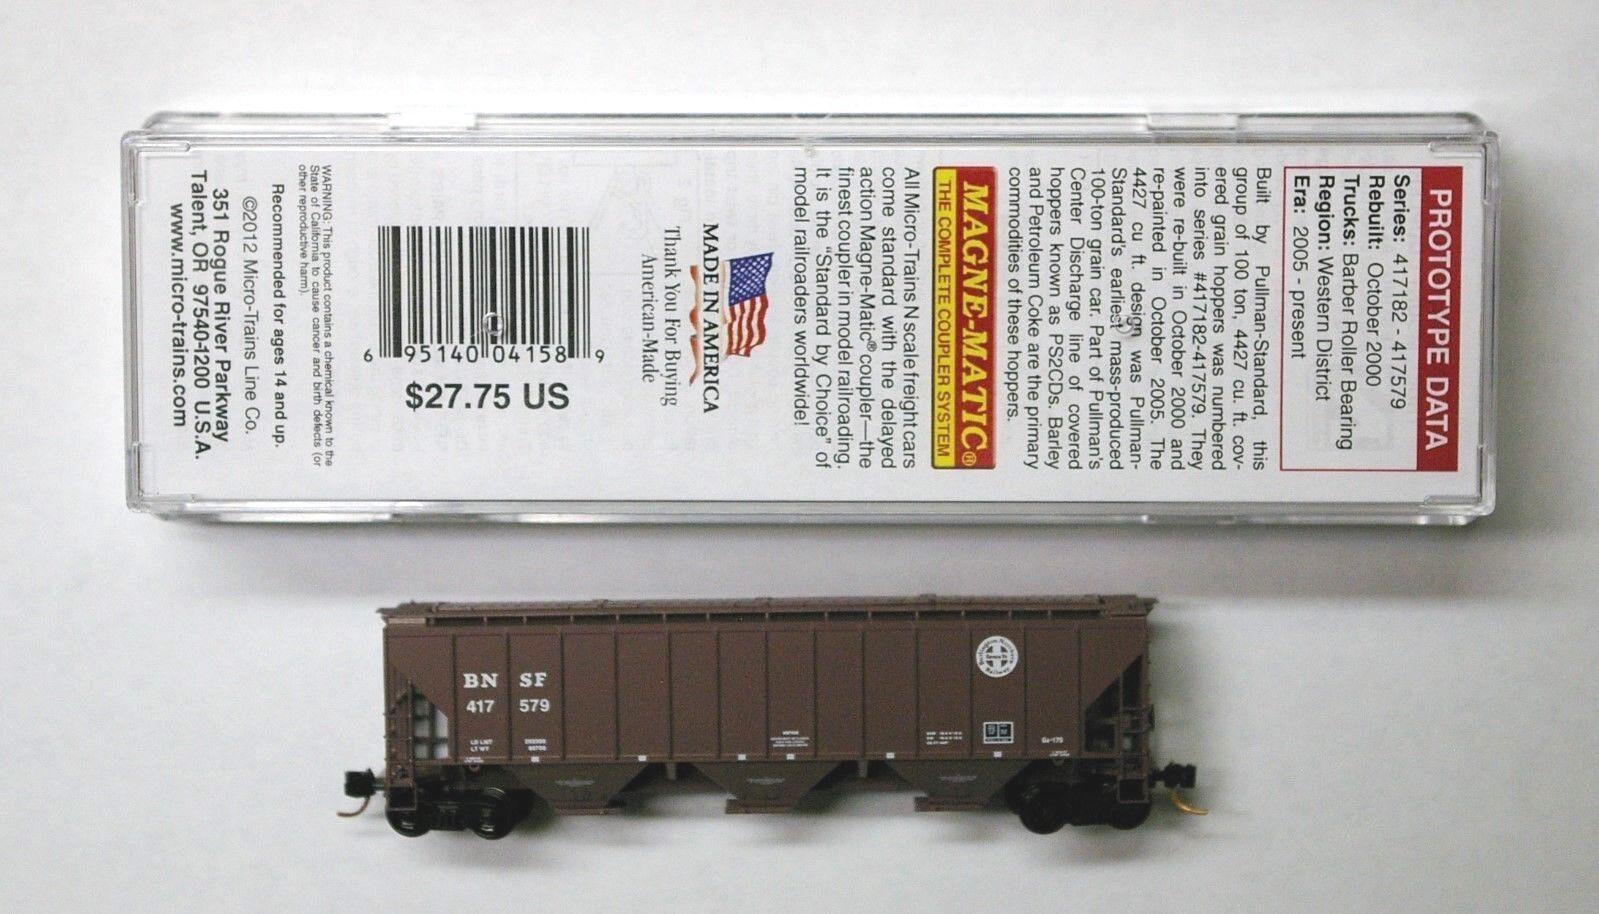 20005459 nouveau Piste h0-Atlas Wagons covered Hopper Burlington Northern